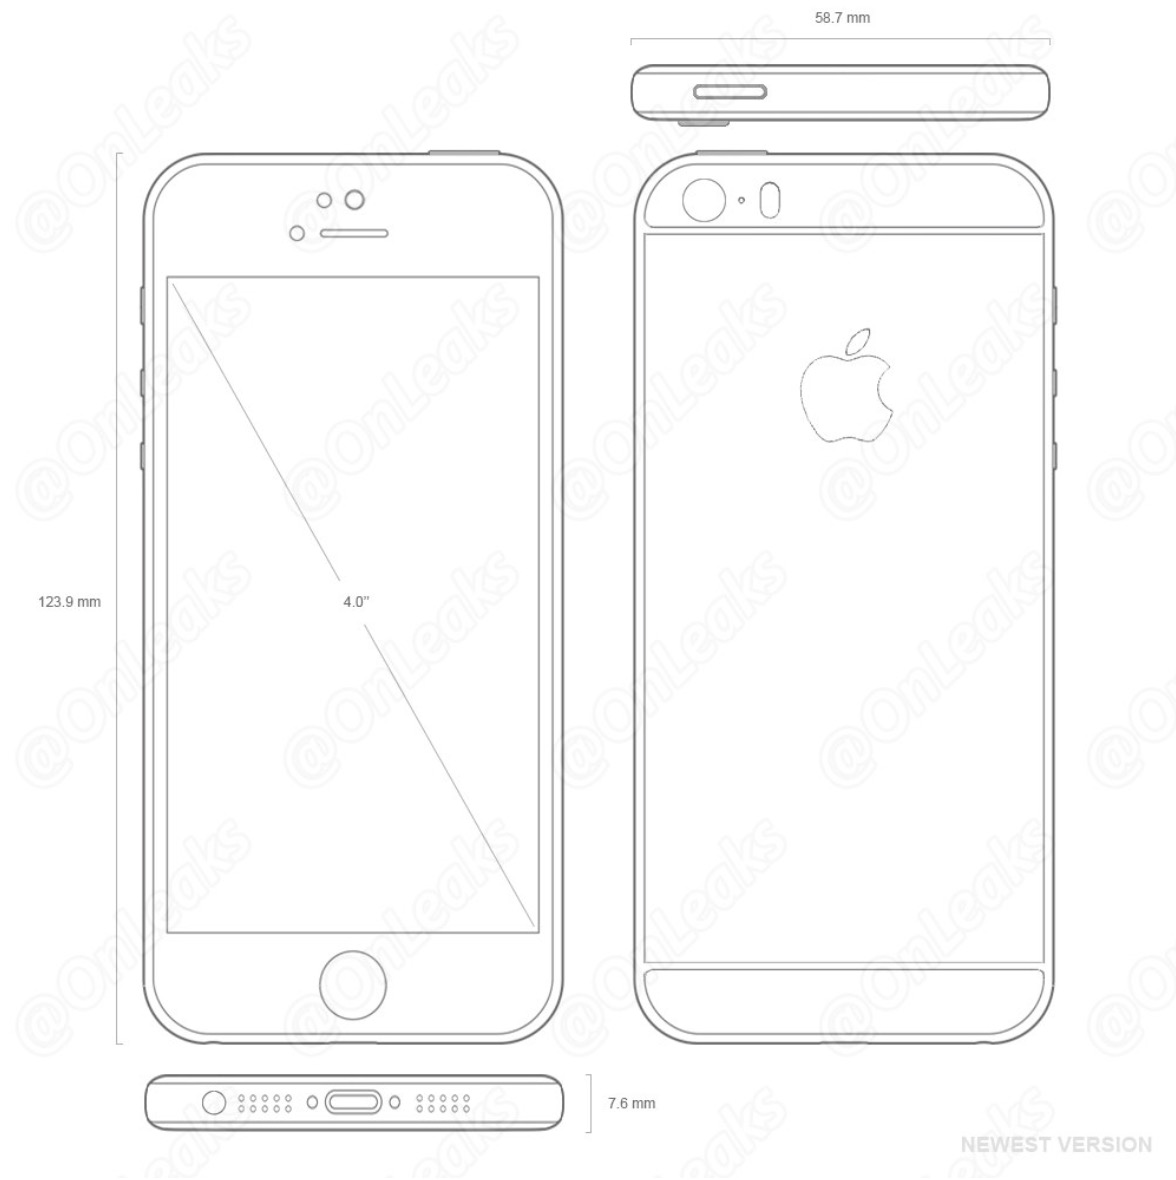 schema iPhone 5se